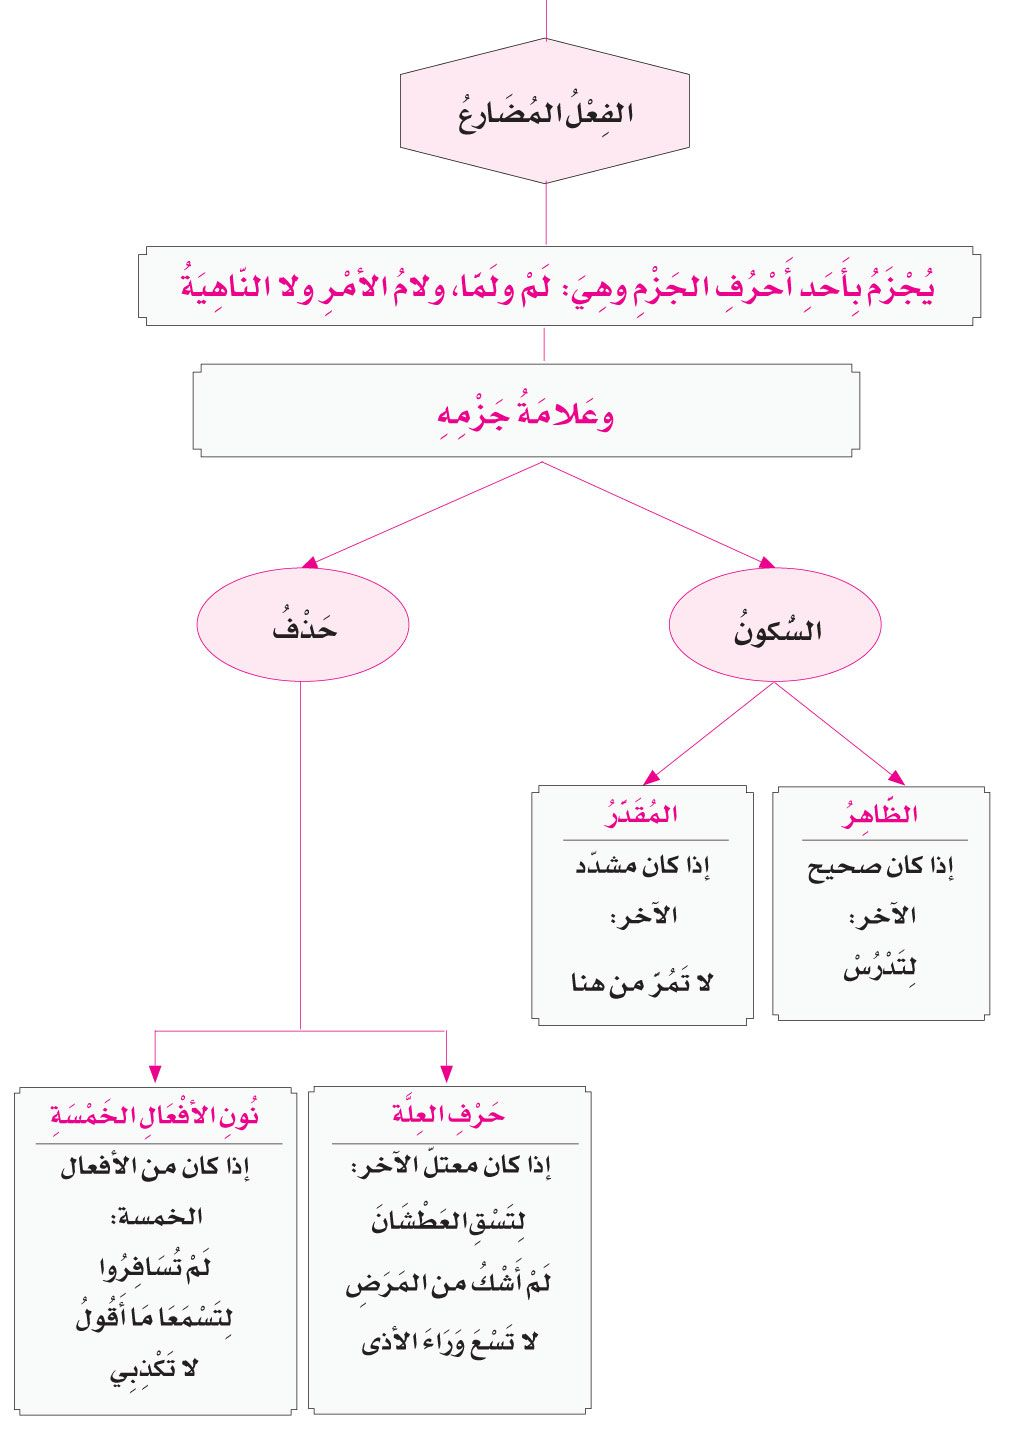 الدرس الثامن جزم الفعل المضارع Learning Arabic Learn Arabic Language Arabic Langauge